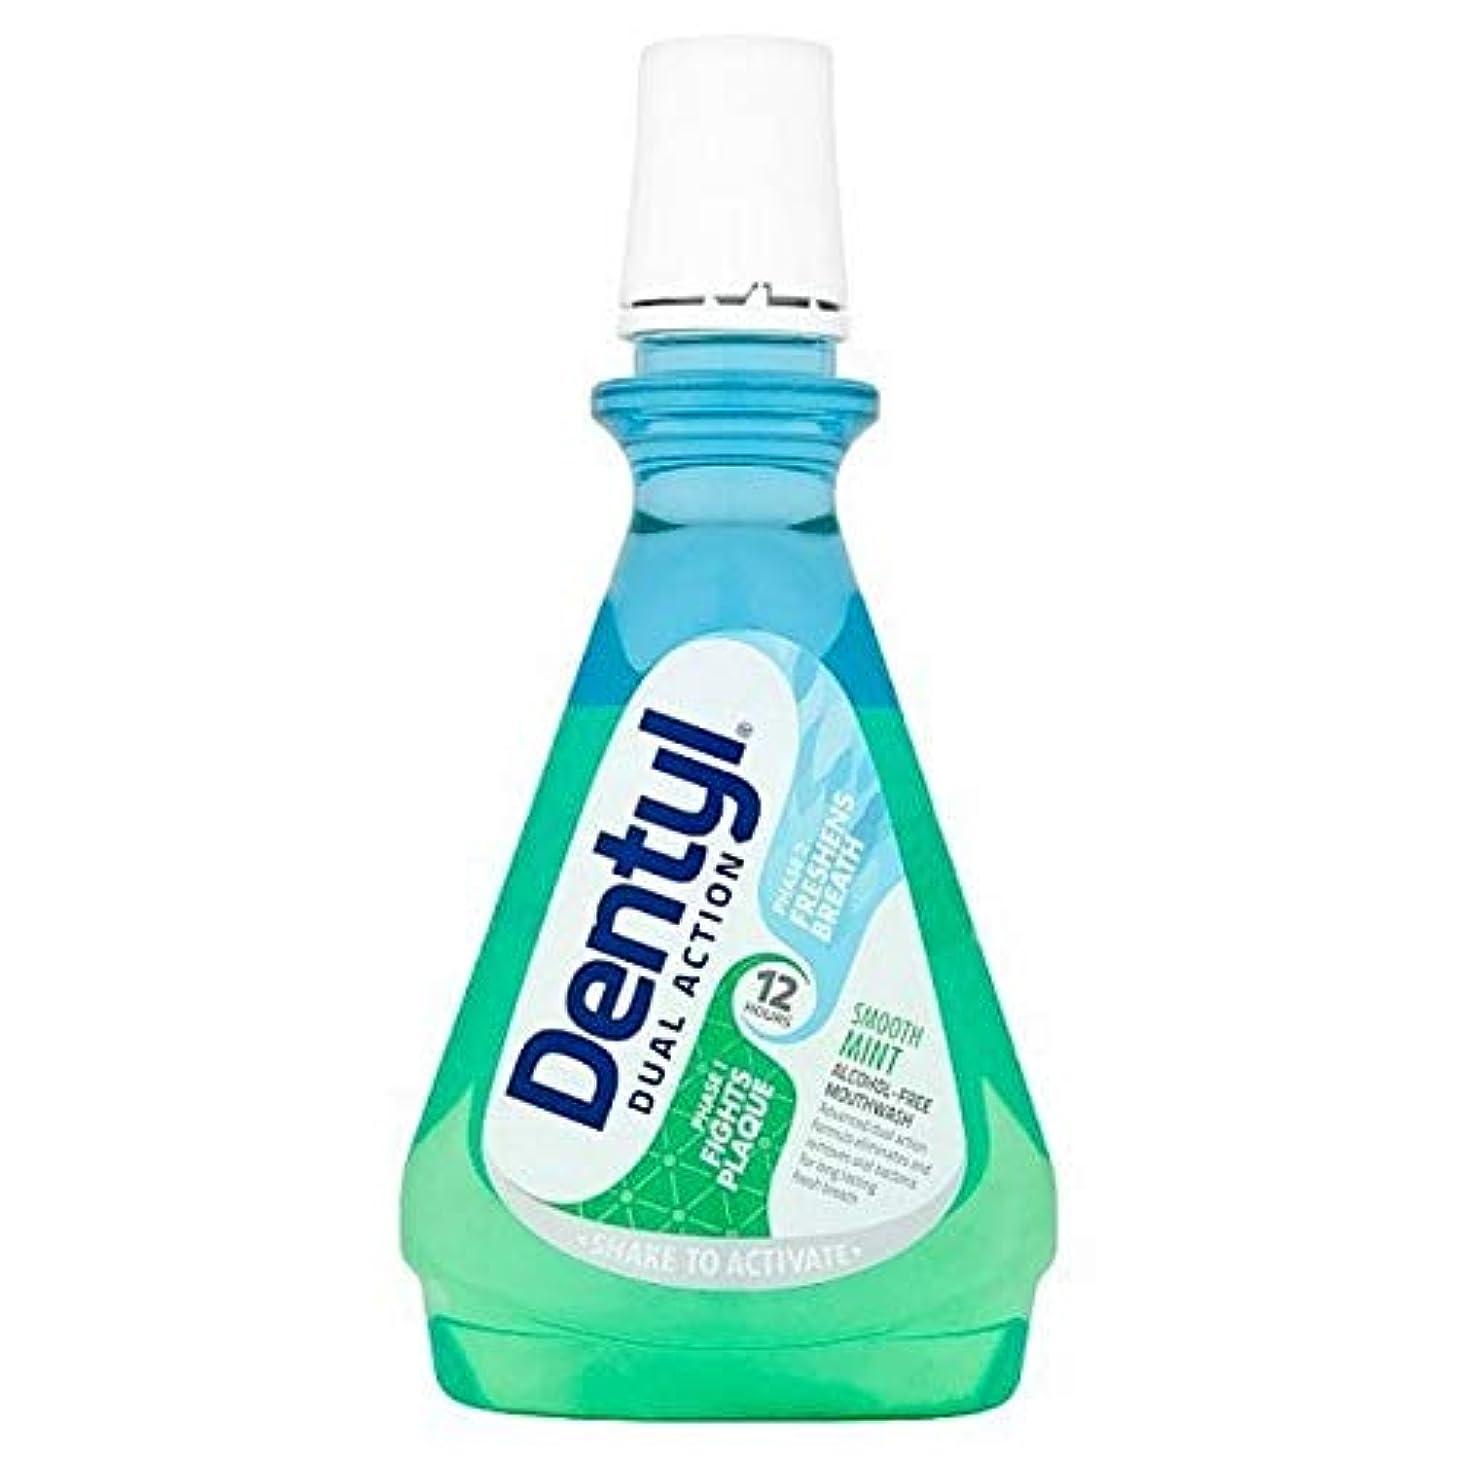 テクスチャー頬骨振り返る[Dentyl] DentylのPhはミントアルコールフリーのミントマウスウォッシュ500ミリリットル - Dentyl PH Mint Alcohol Free Mint Mouthwash 500ml [並行輸入品]